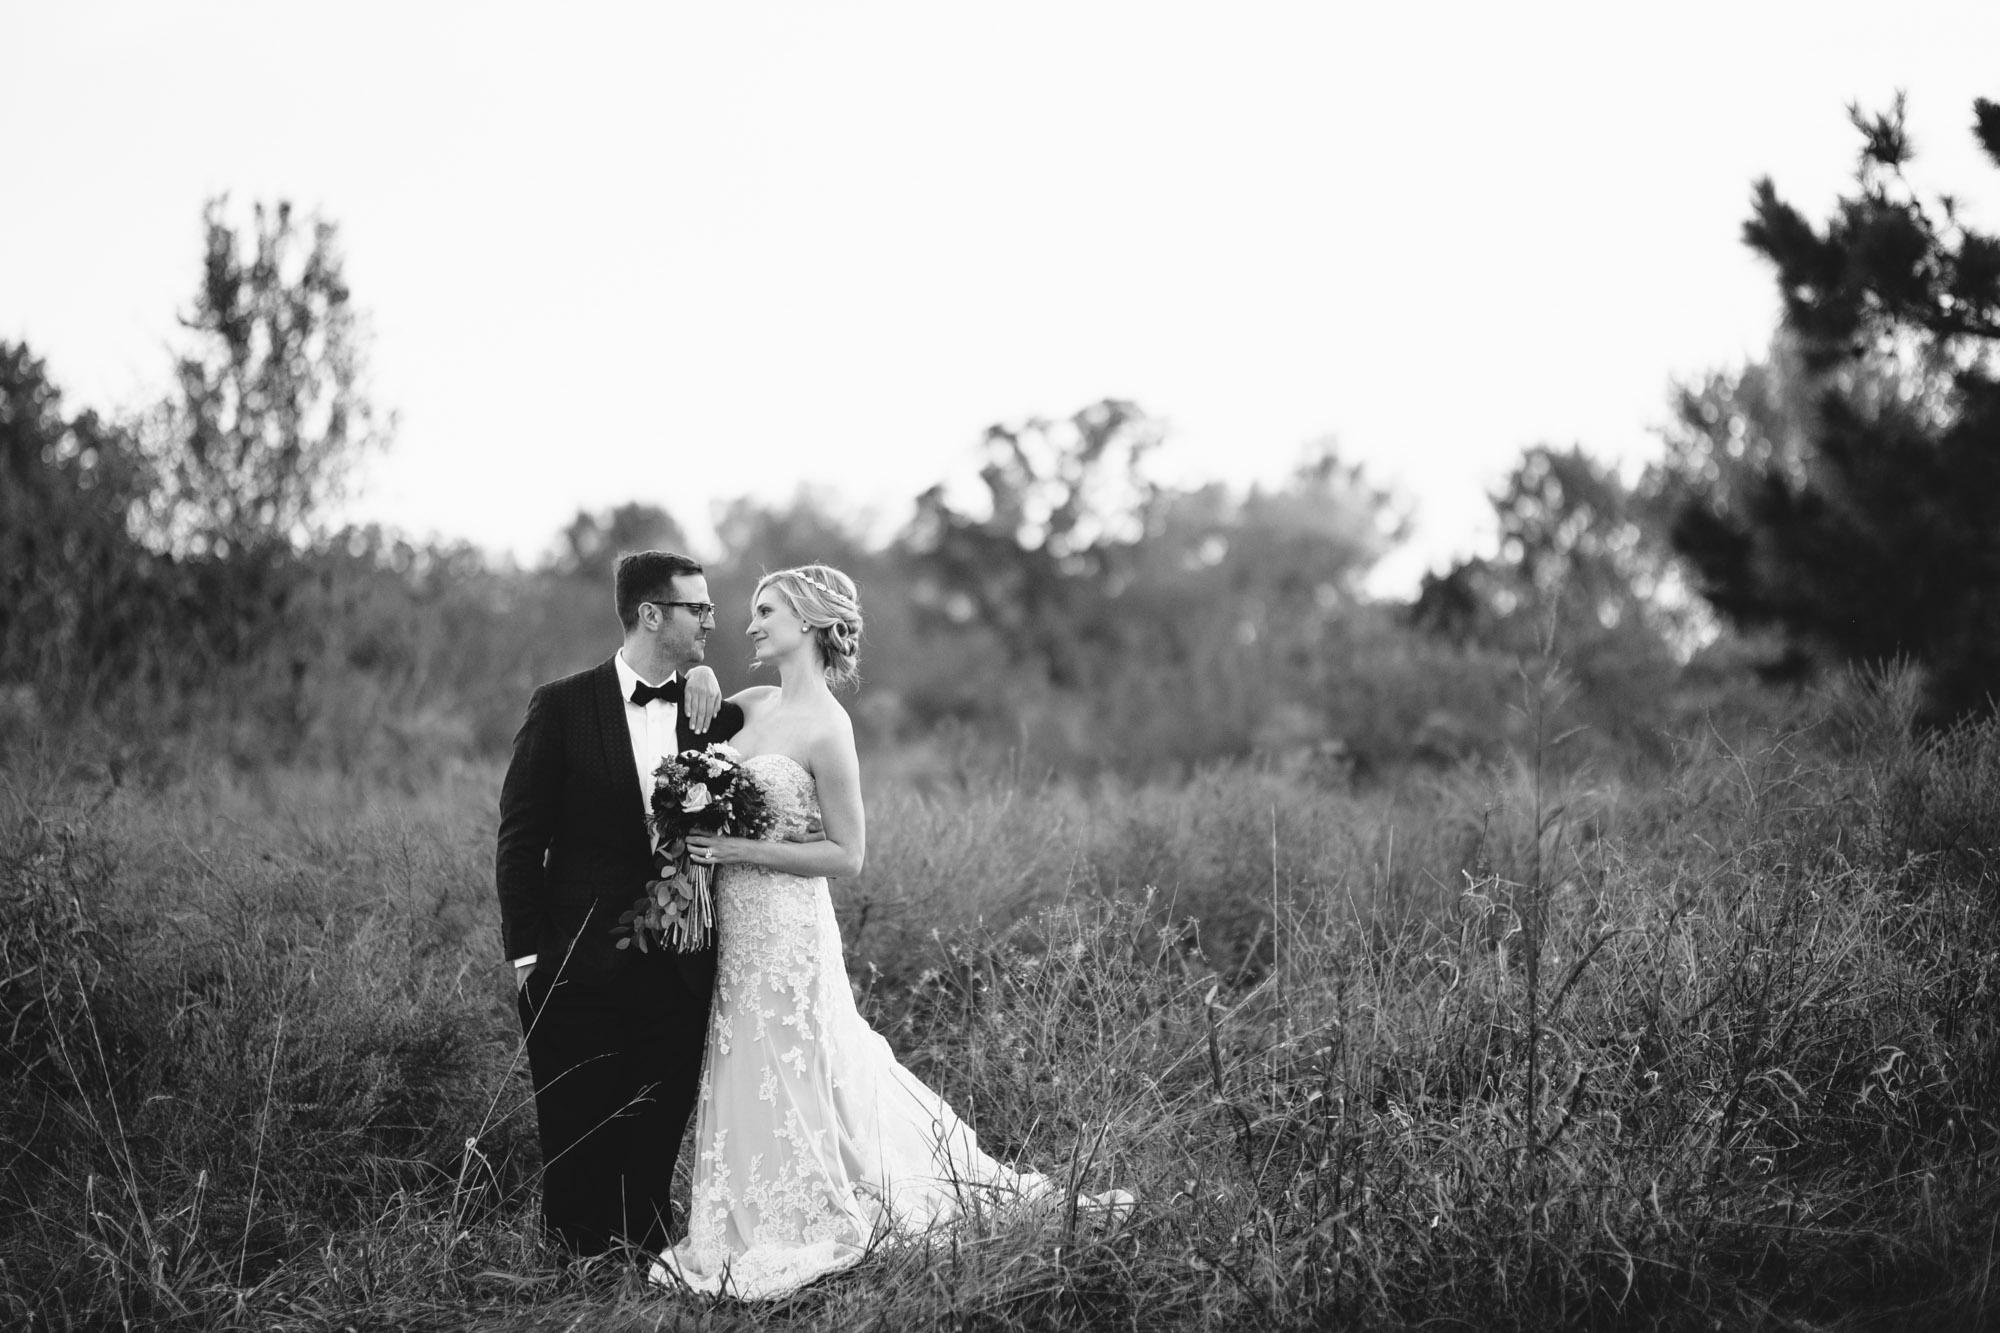 JessieLeighPhotography-InfanteWedding2016-66.jpg